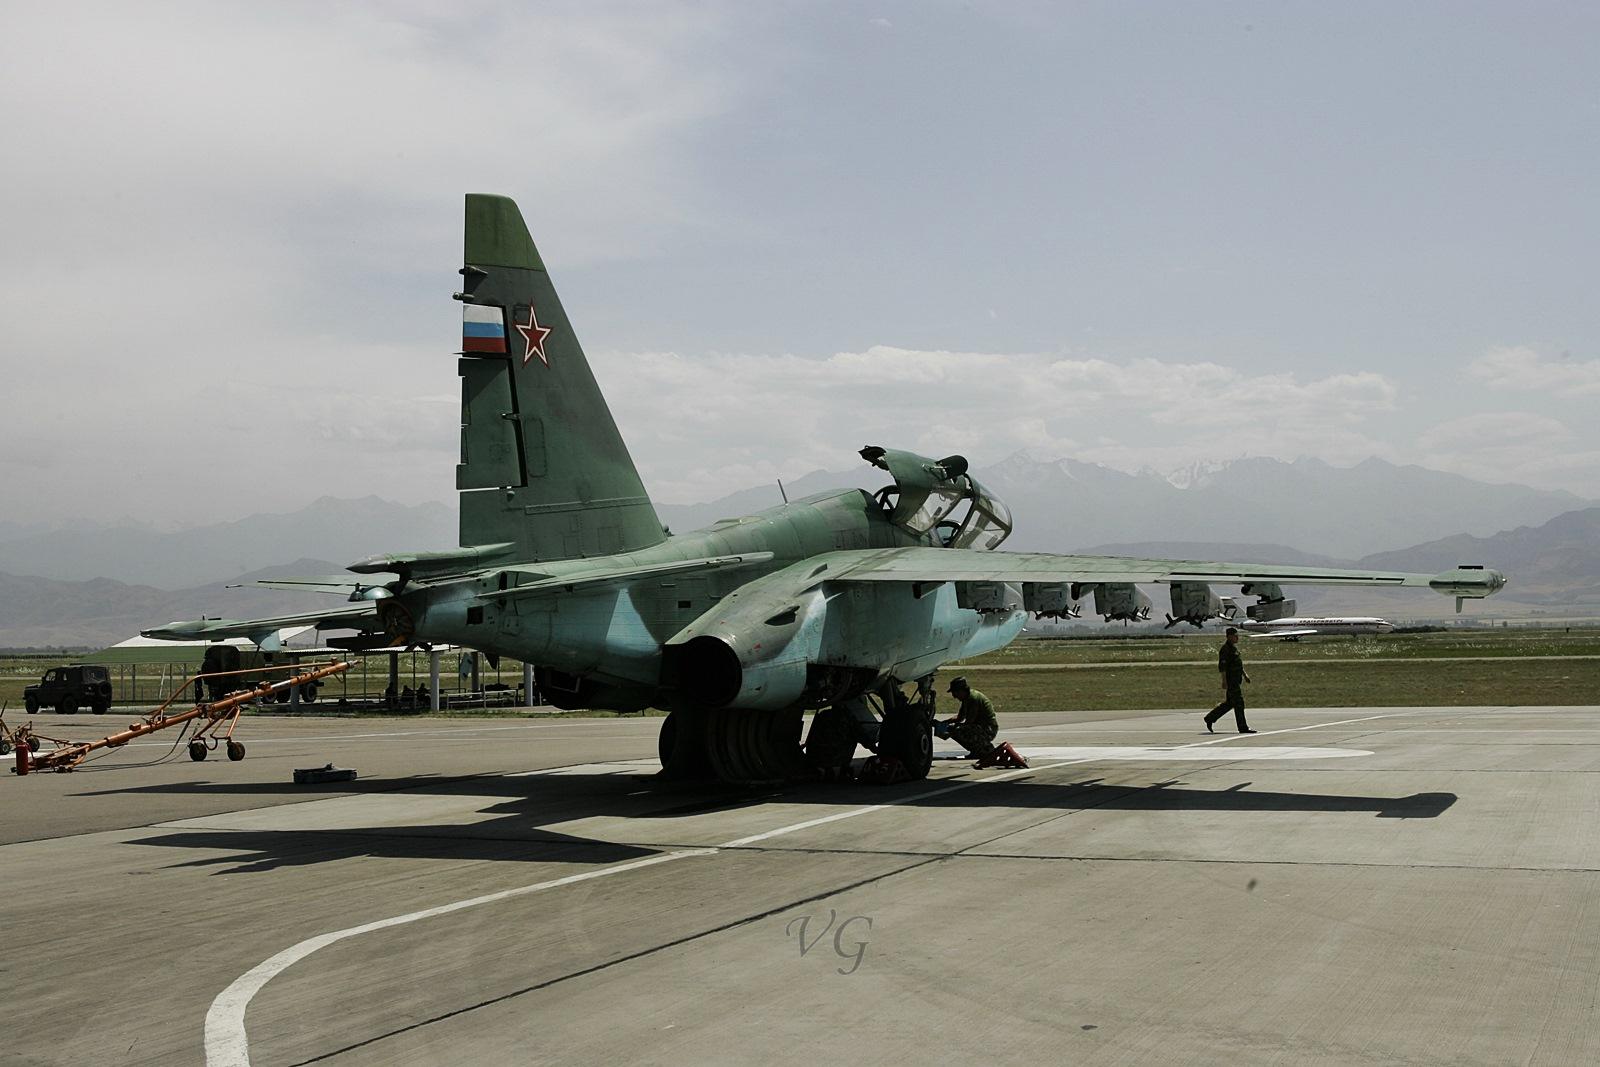 키르기스스탄에 주둔하는 러시아공군  Su-25 공격기